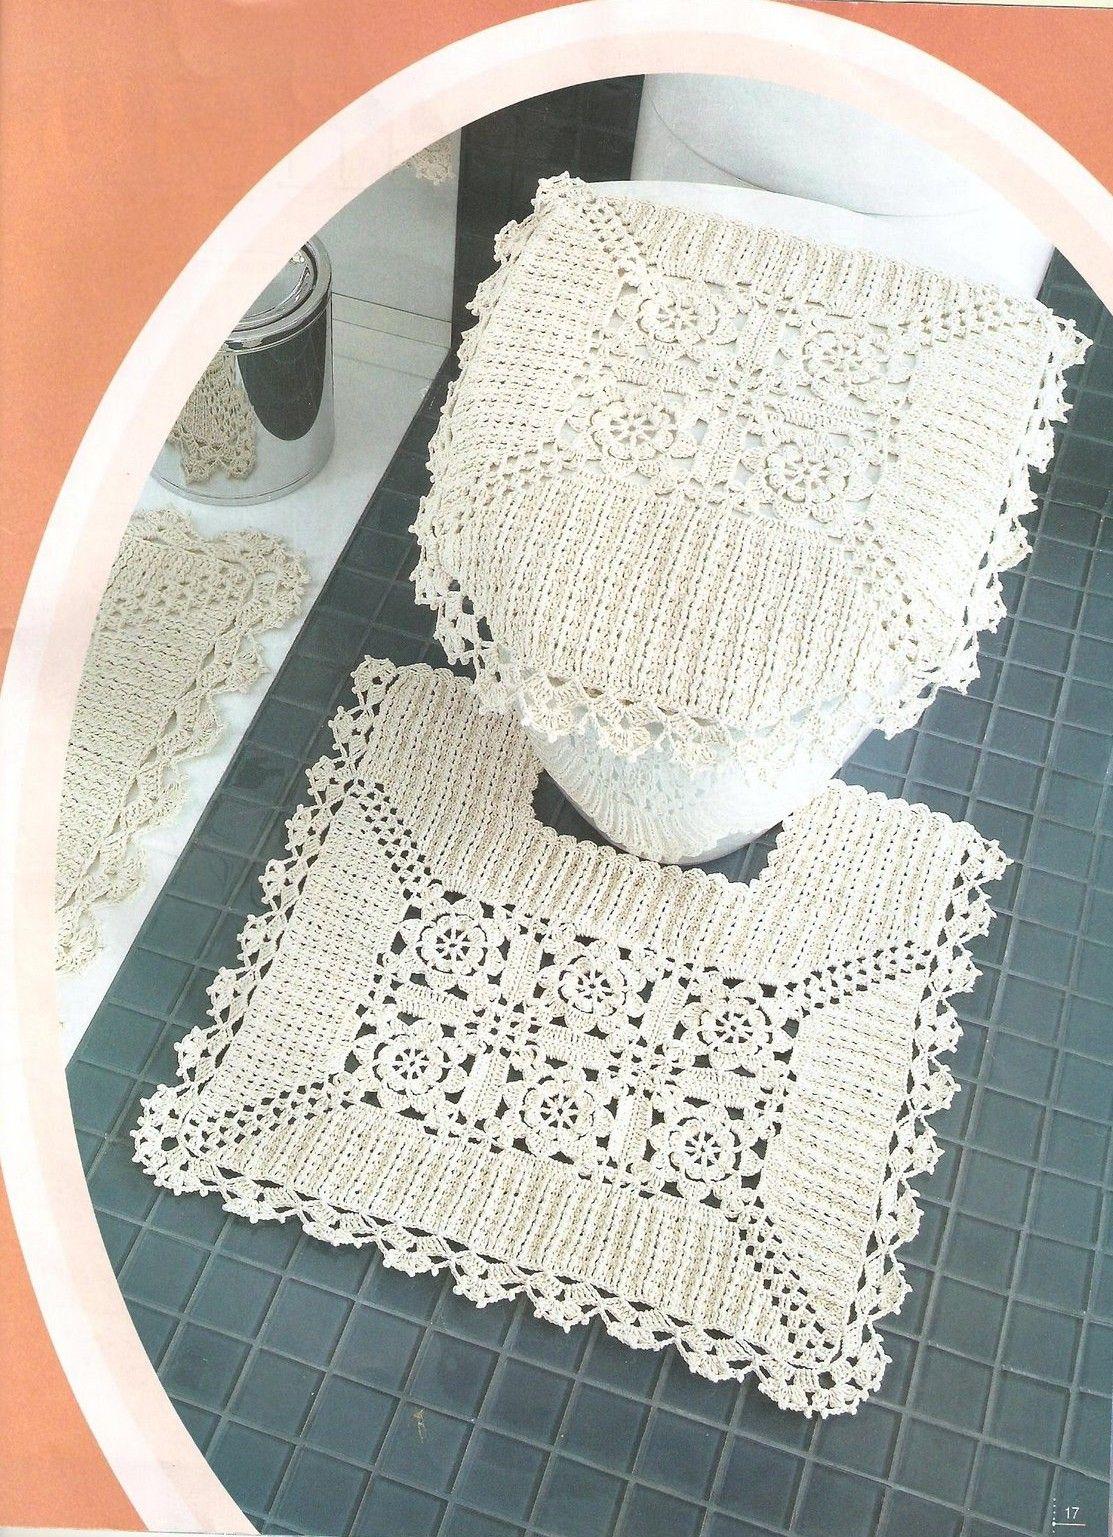 Pin De Eman Ahmad Em Graficos De Tapetes De Croche Jogos De Banheiro Croche Jogos De Banheiro Croche Para Banheiro